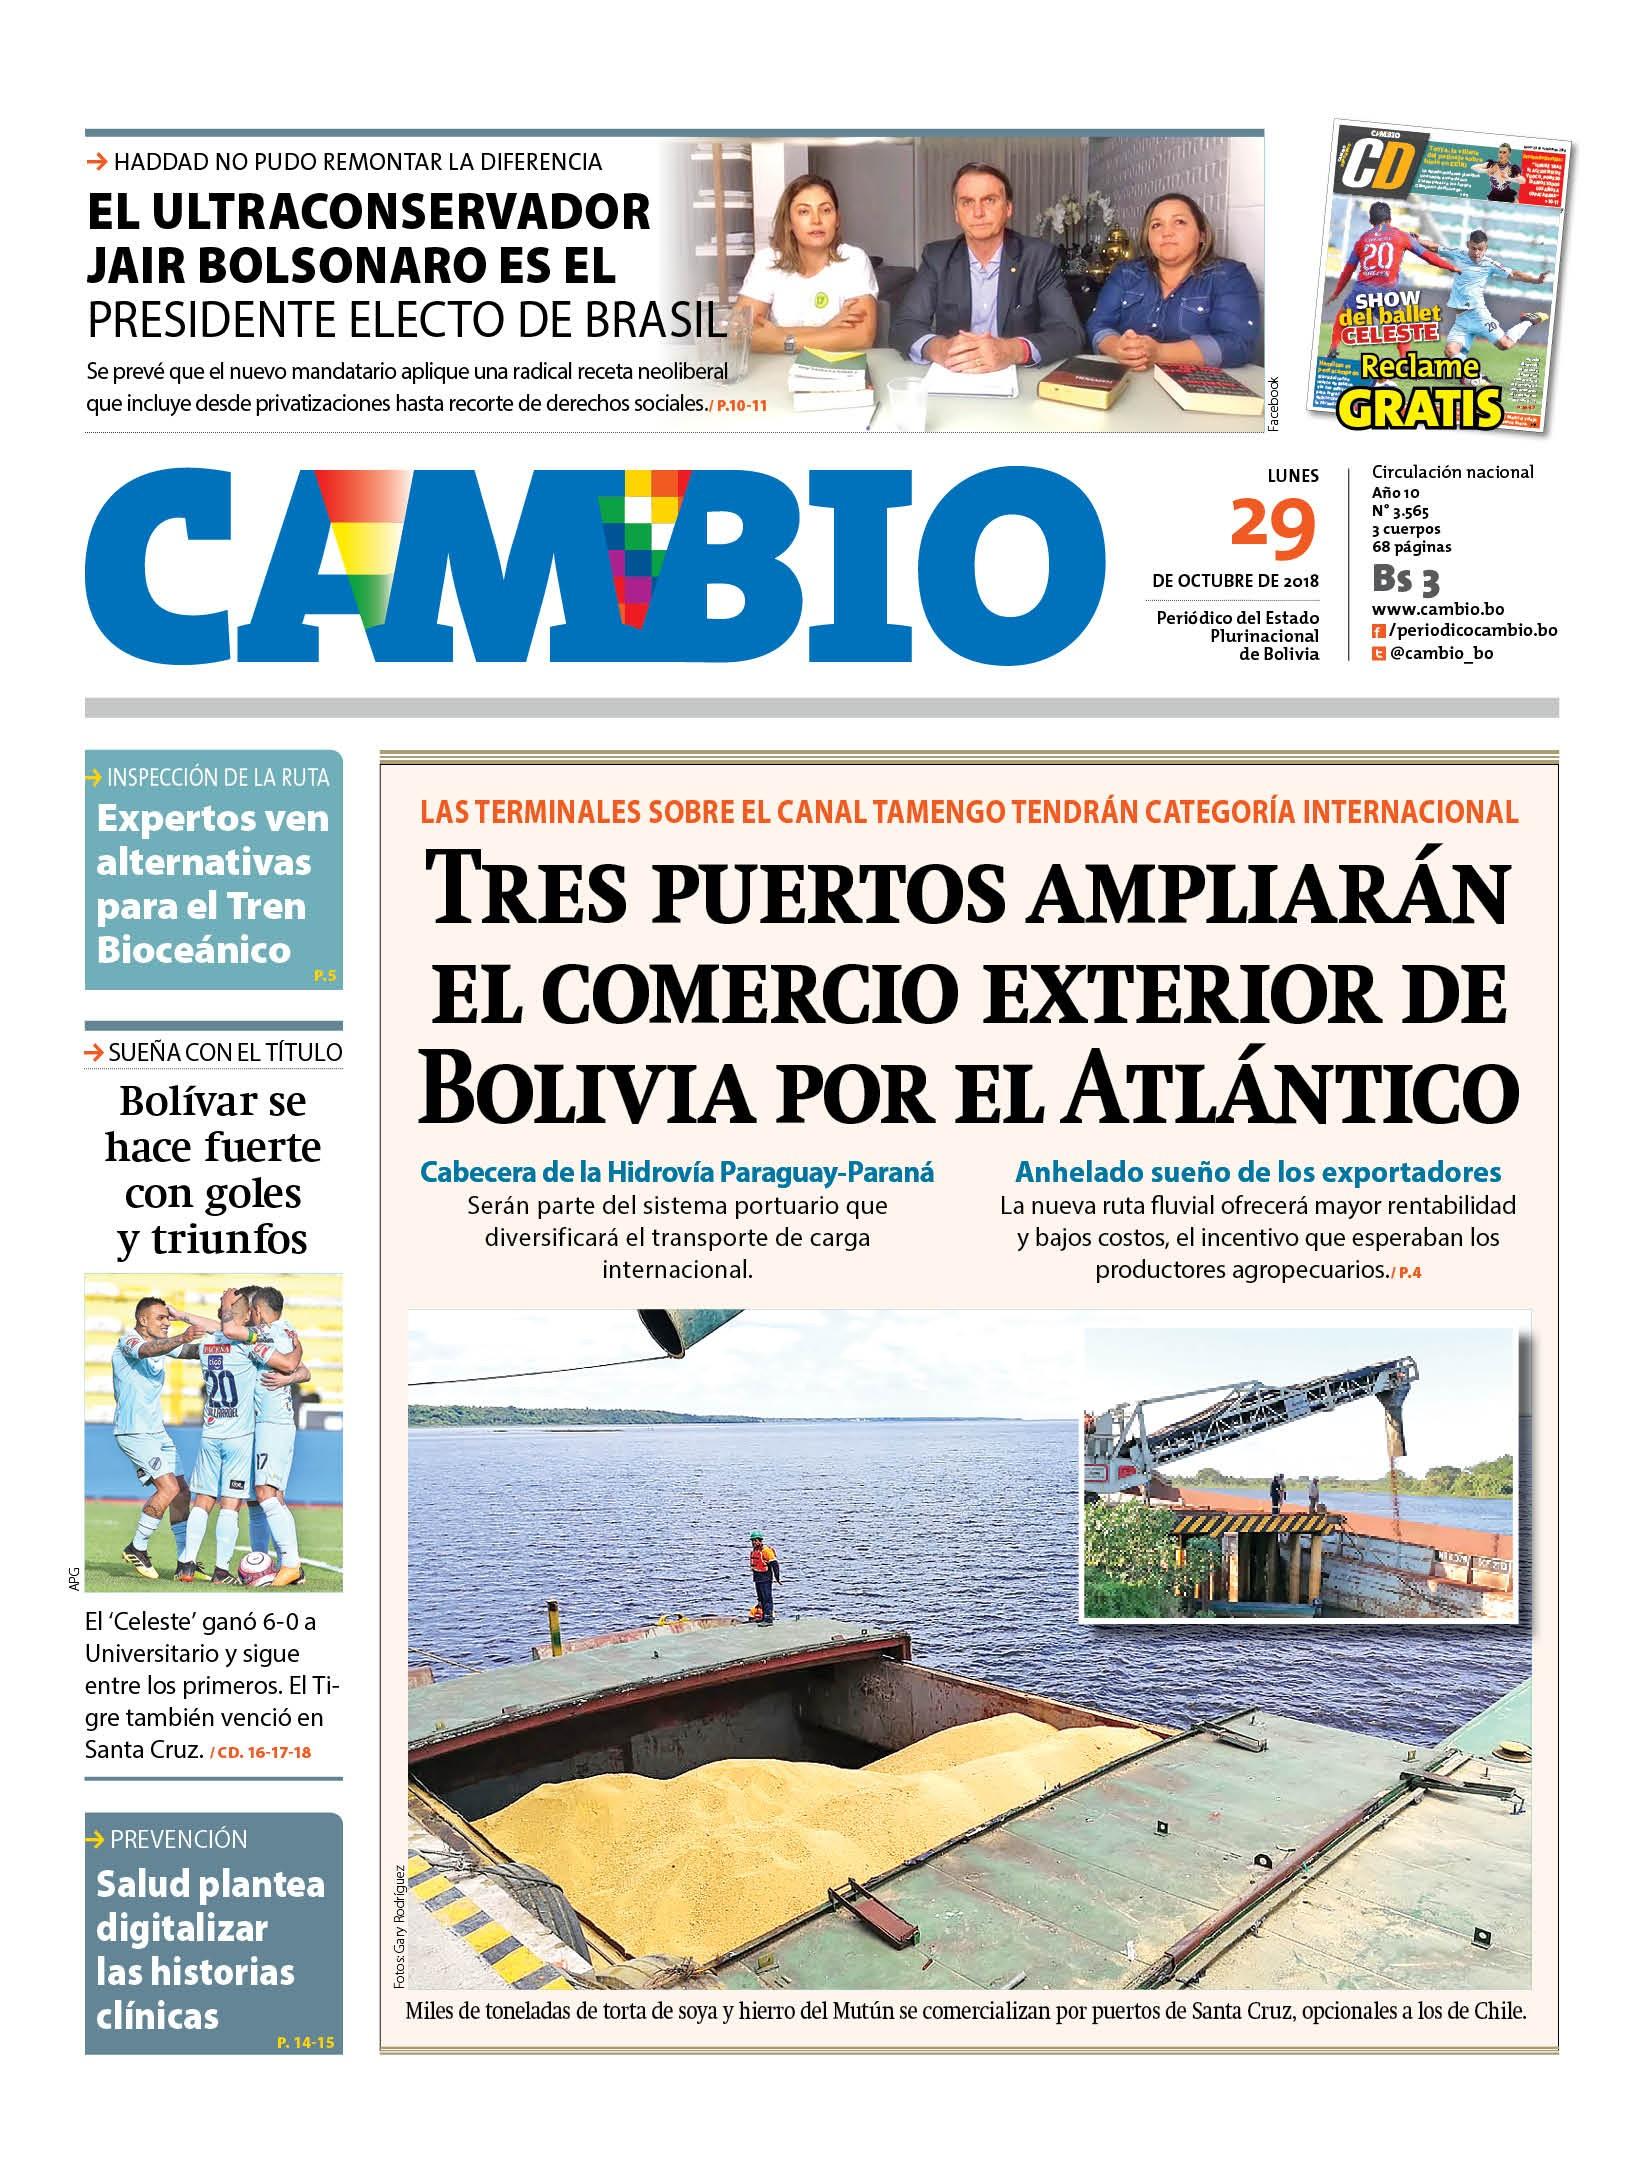 Calendario 2019 Feriados Estados Unidos Más Recientes Abi Agencia Boliviana De Informaci³n V2018